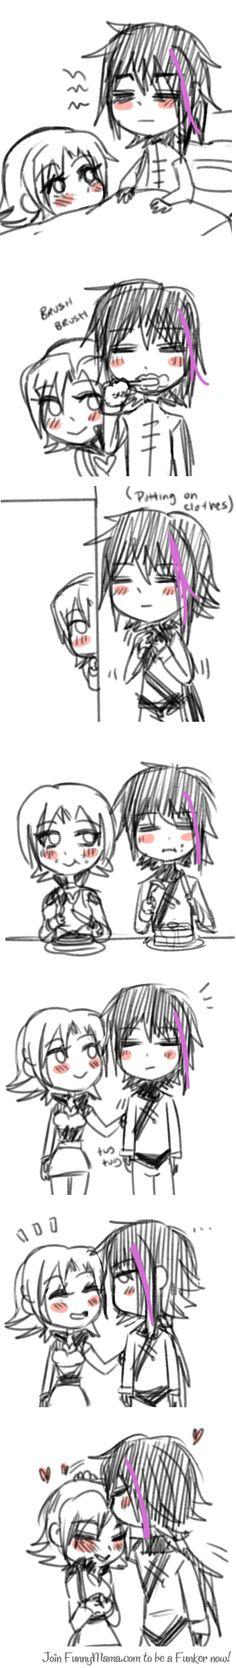 Ren and Nora